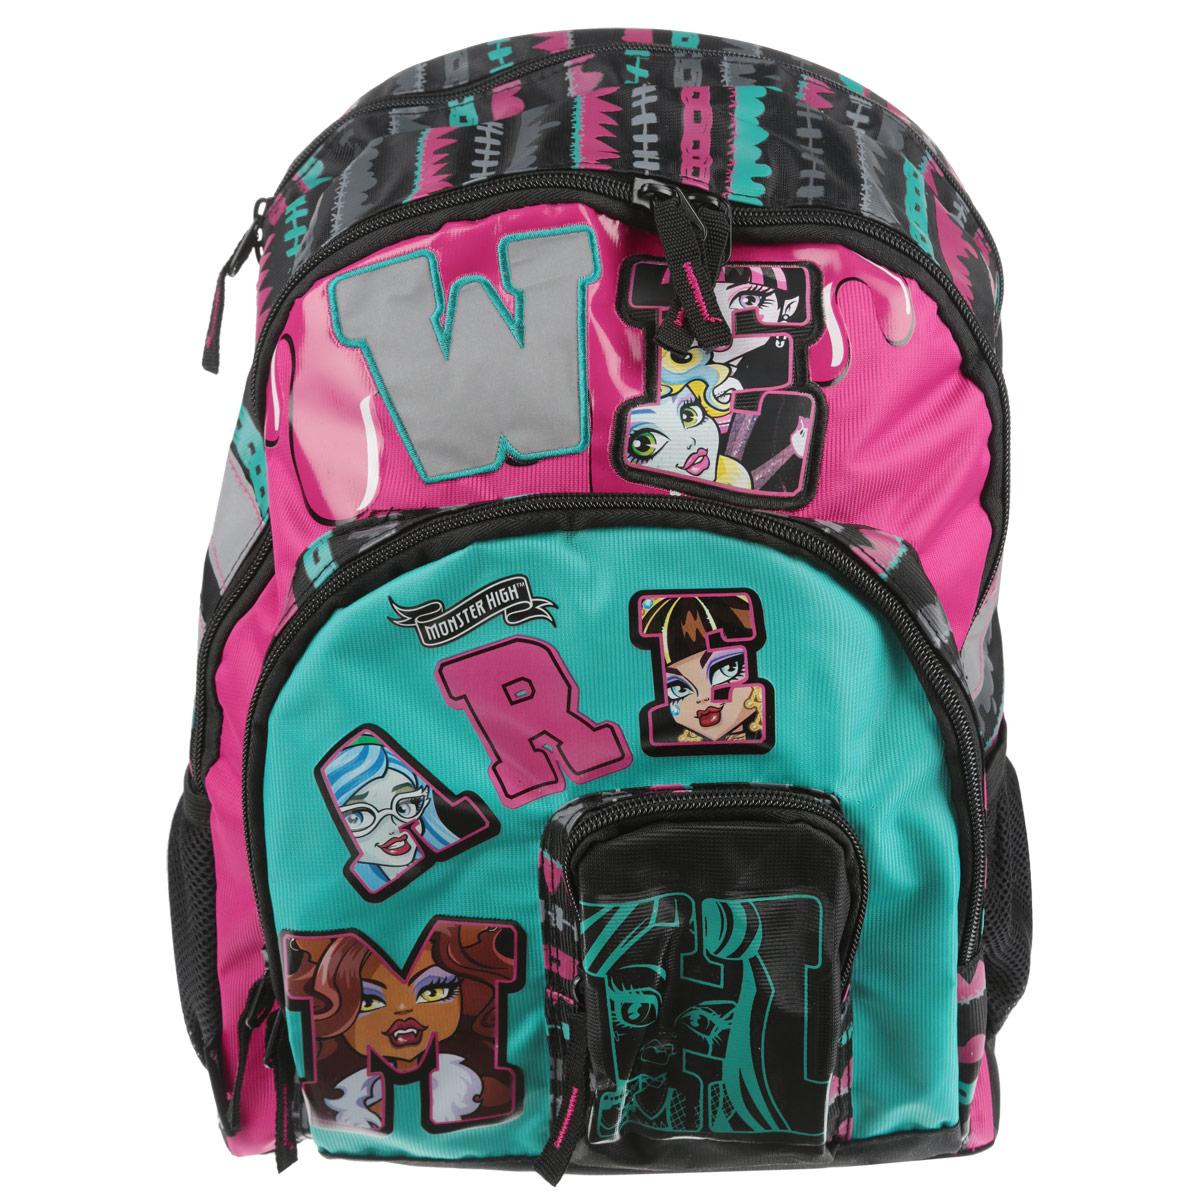 d3e6a011aa31 Рюкзак школьный